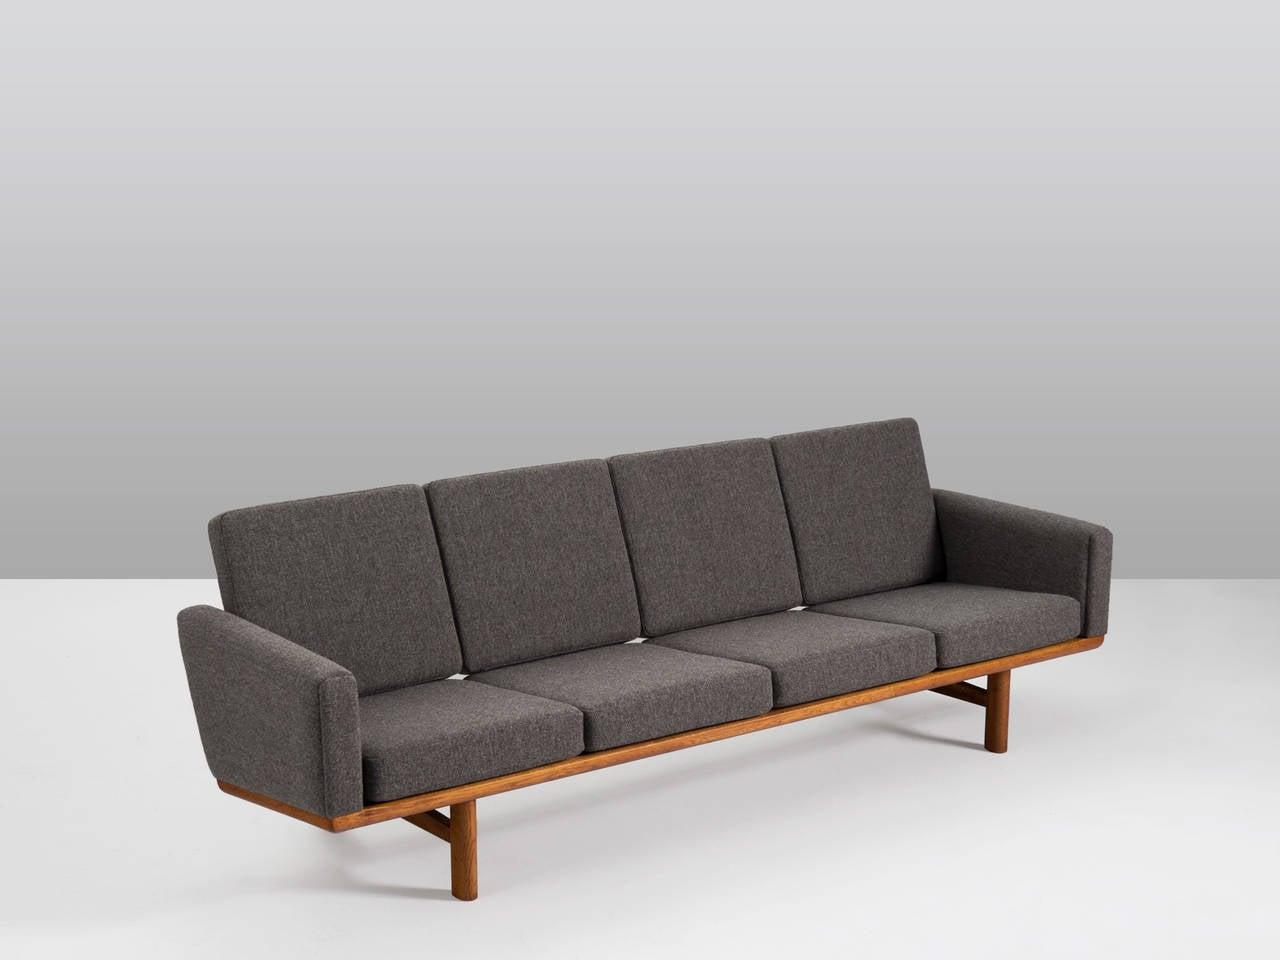 Hans J Wegner Sofa Model Ge 236 4 For Getama For Sale At